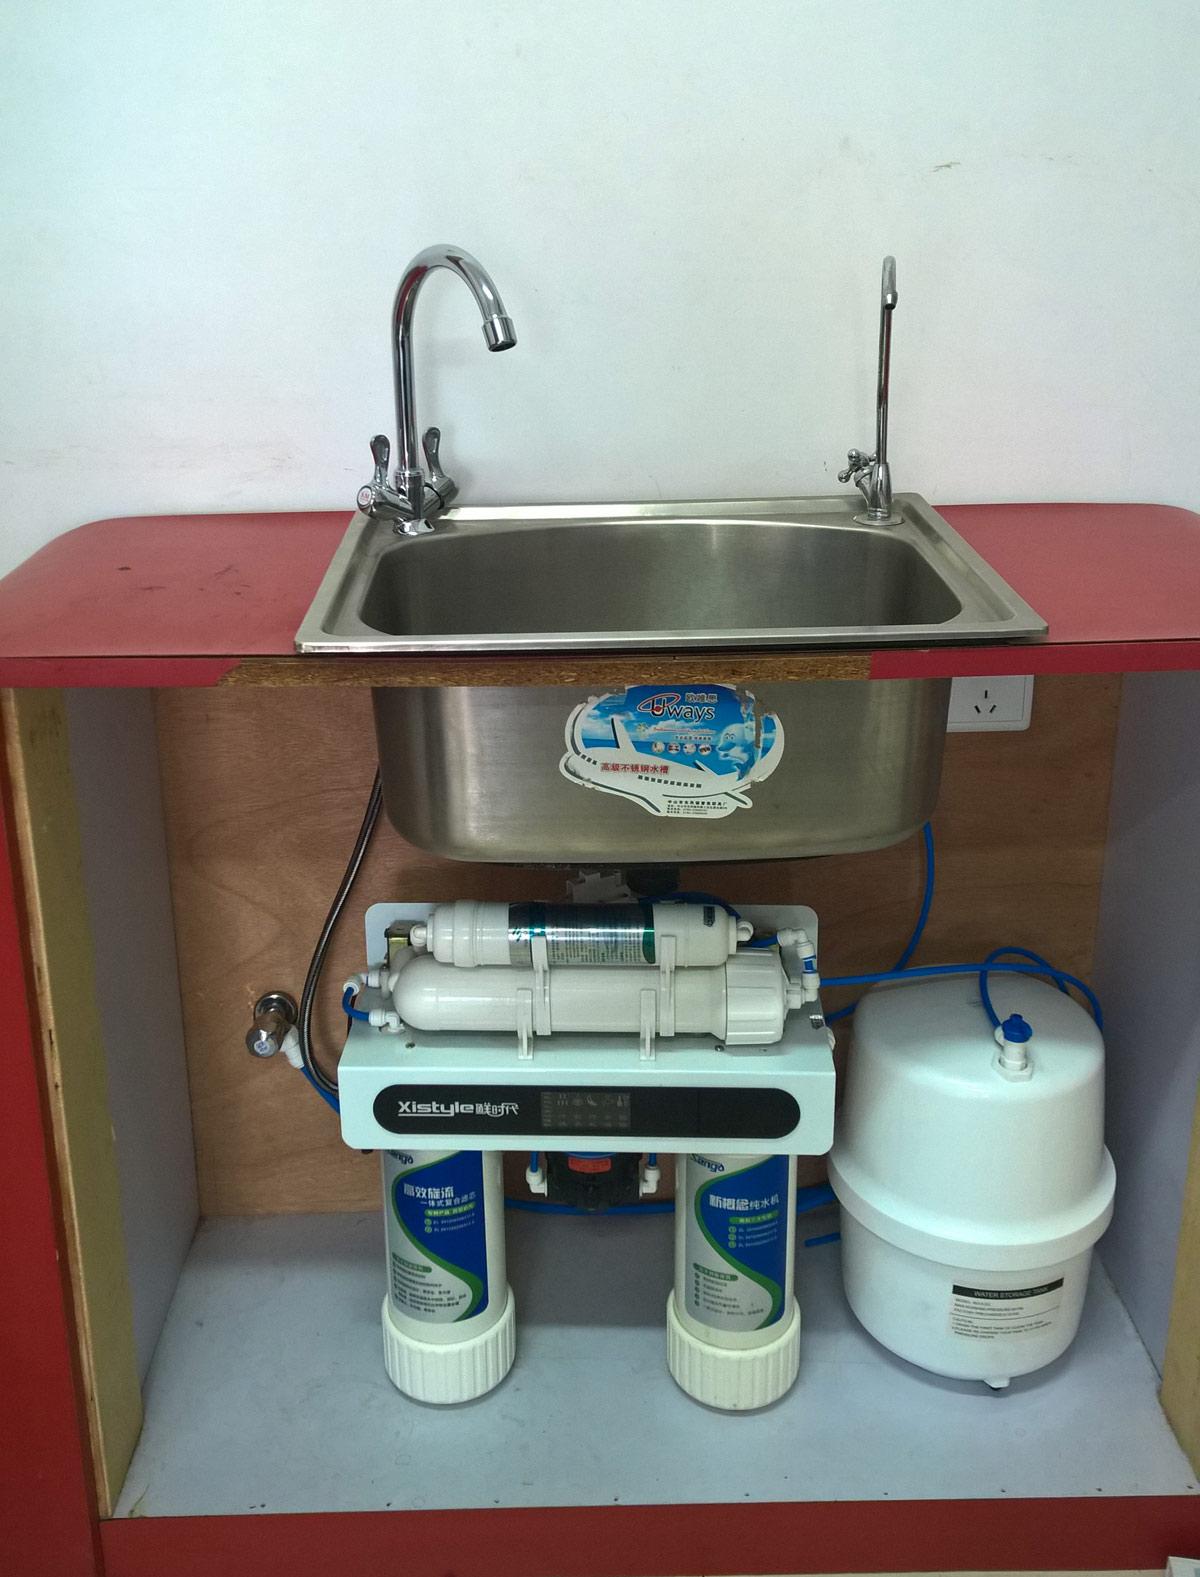 原则上是这样的,如果净水器厂家售后到位,这些问题是容易解决的,他们会帮您处理好水电线 路问题。饮用水过滤产品的安装灵活简便,只需要占用您水槽下方橱柜内部很小的空间,利用水槽预留的皂液器预留孙或者水槽上直接打孔,安装一个净水龙头就完 成了.只要您完成了橱柜和水槽的安装就可以购买我们的直饮水系统了! 净水器什么时候该更换滤芯?